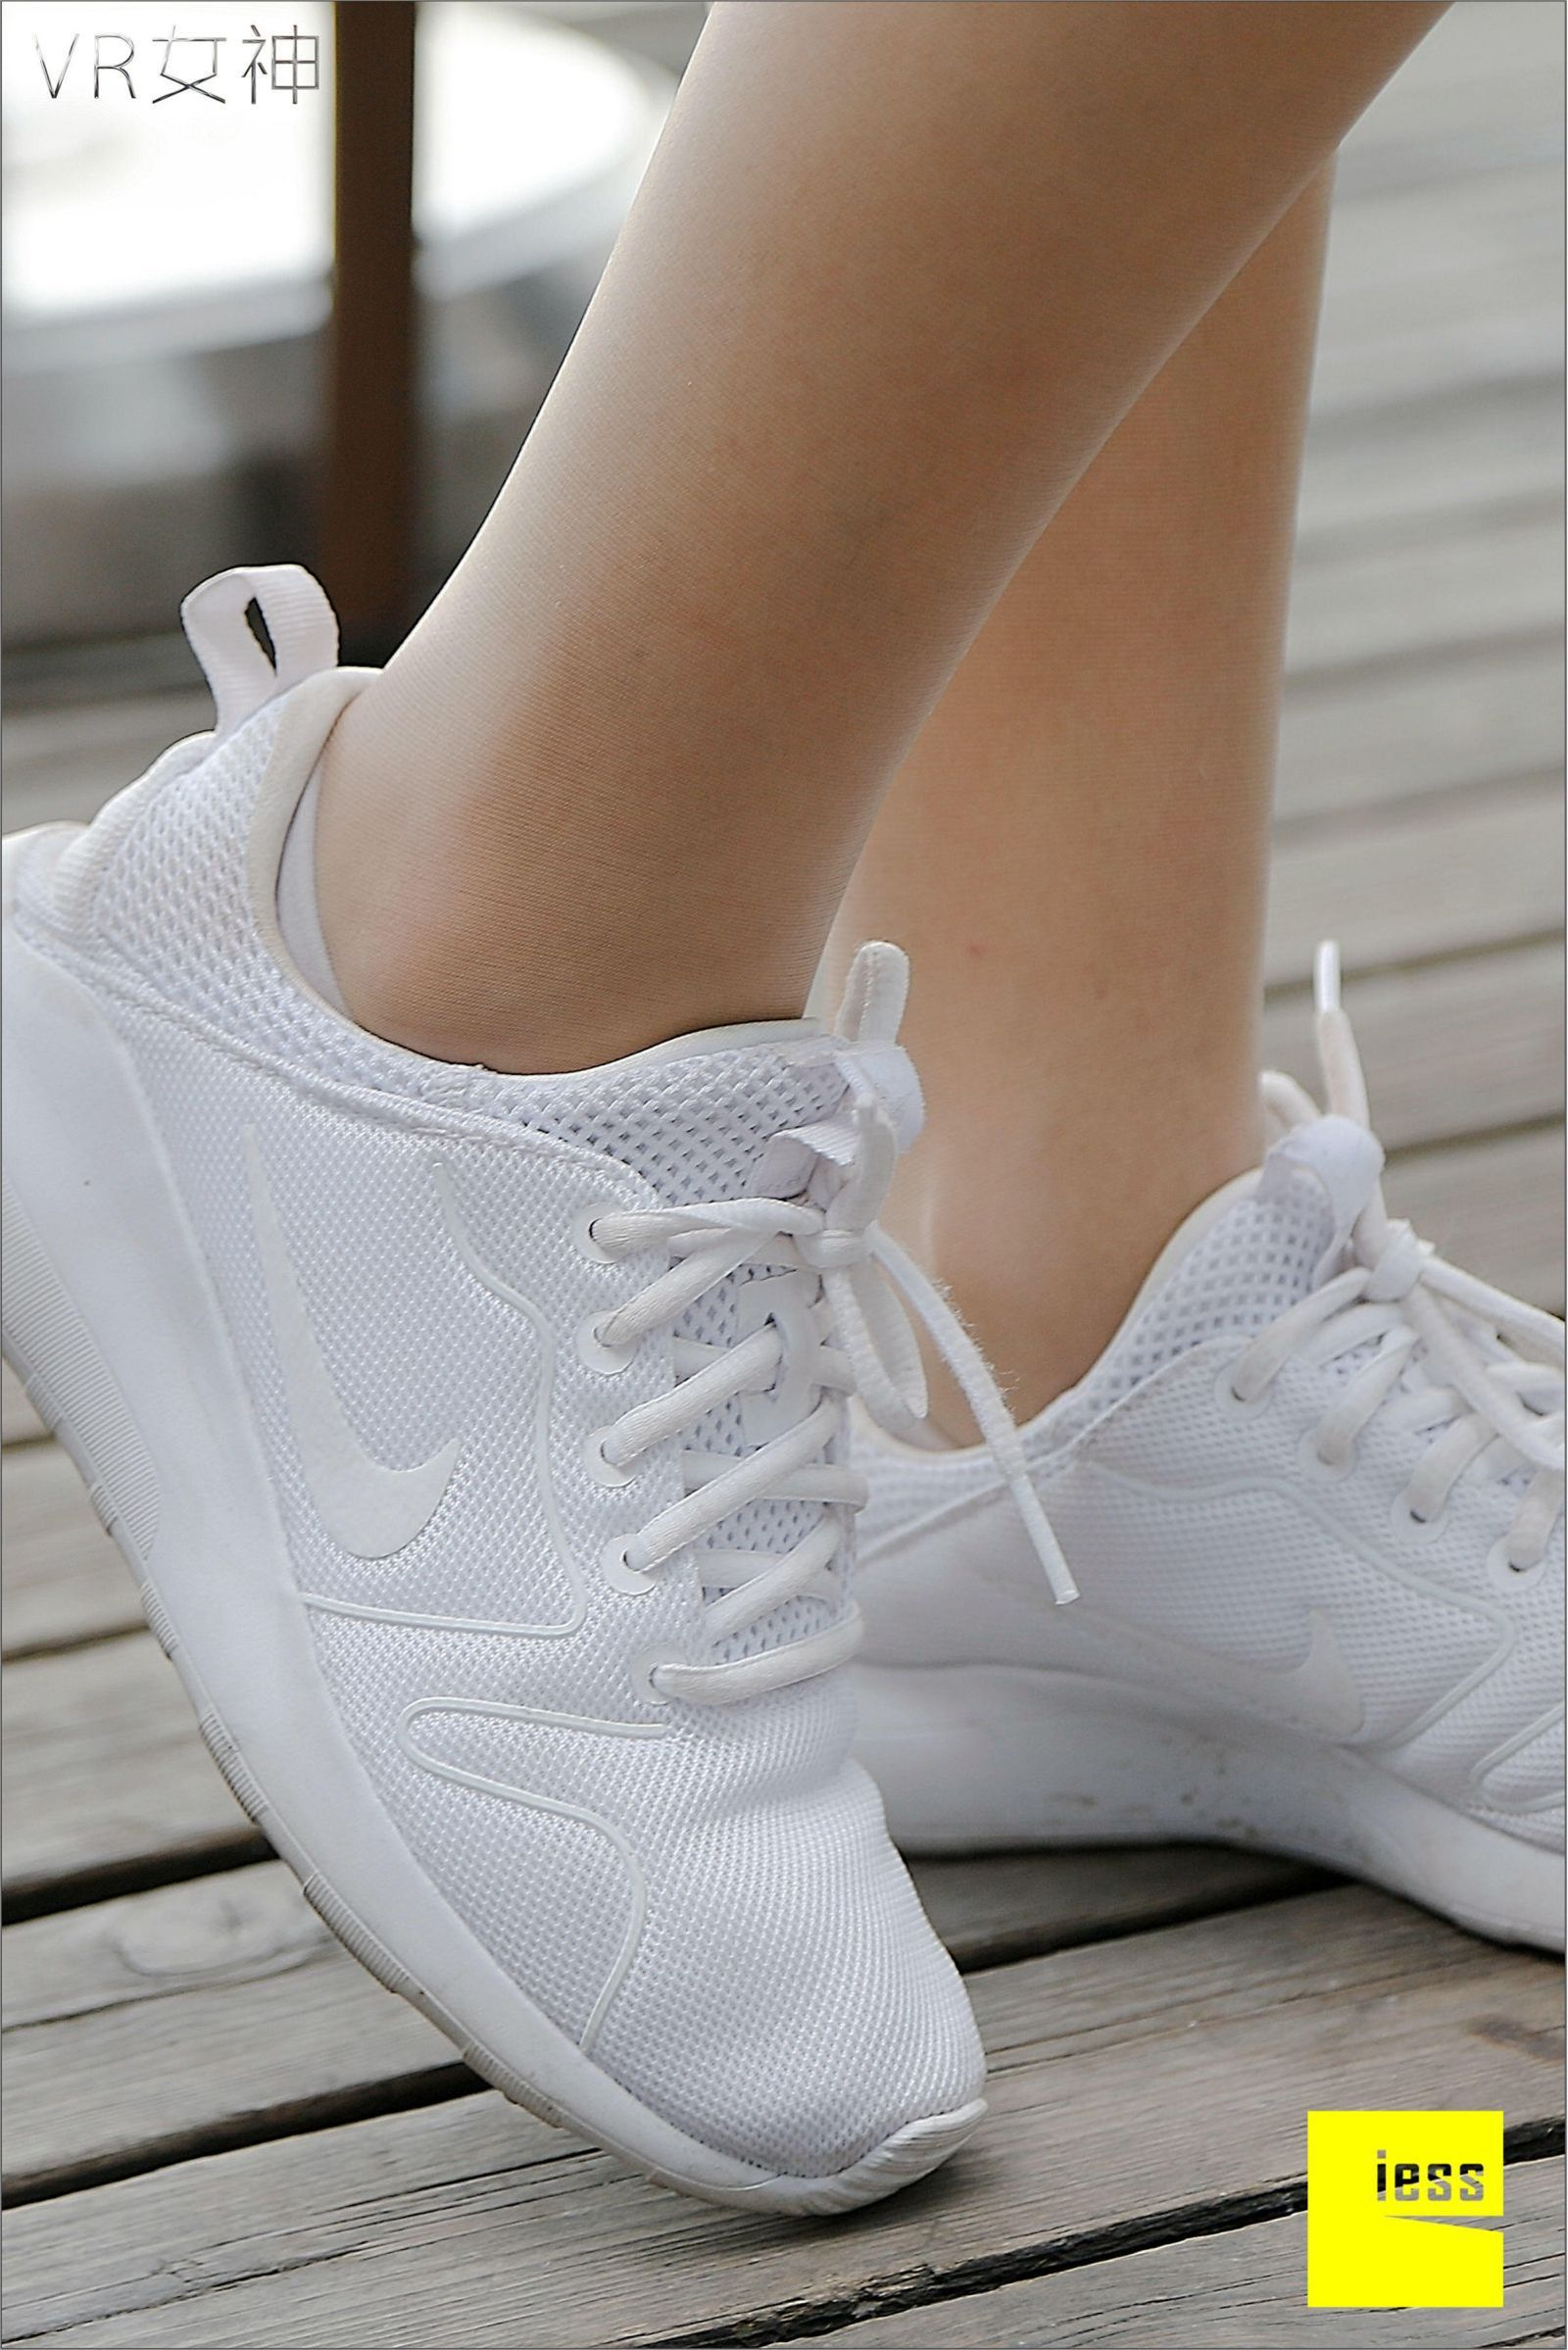 [异思趣向] 女主播SASA 白球鞋的丝足梦游[95P] 异思趣向 第1张